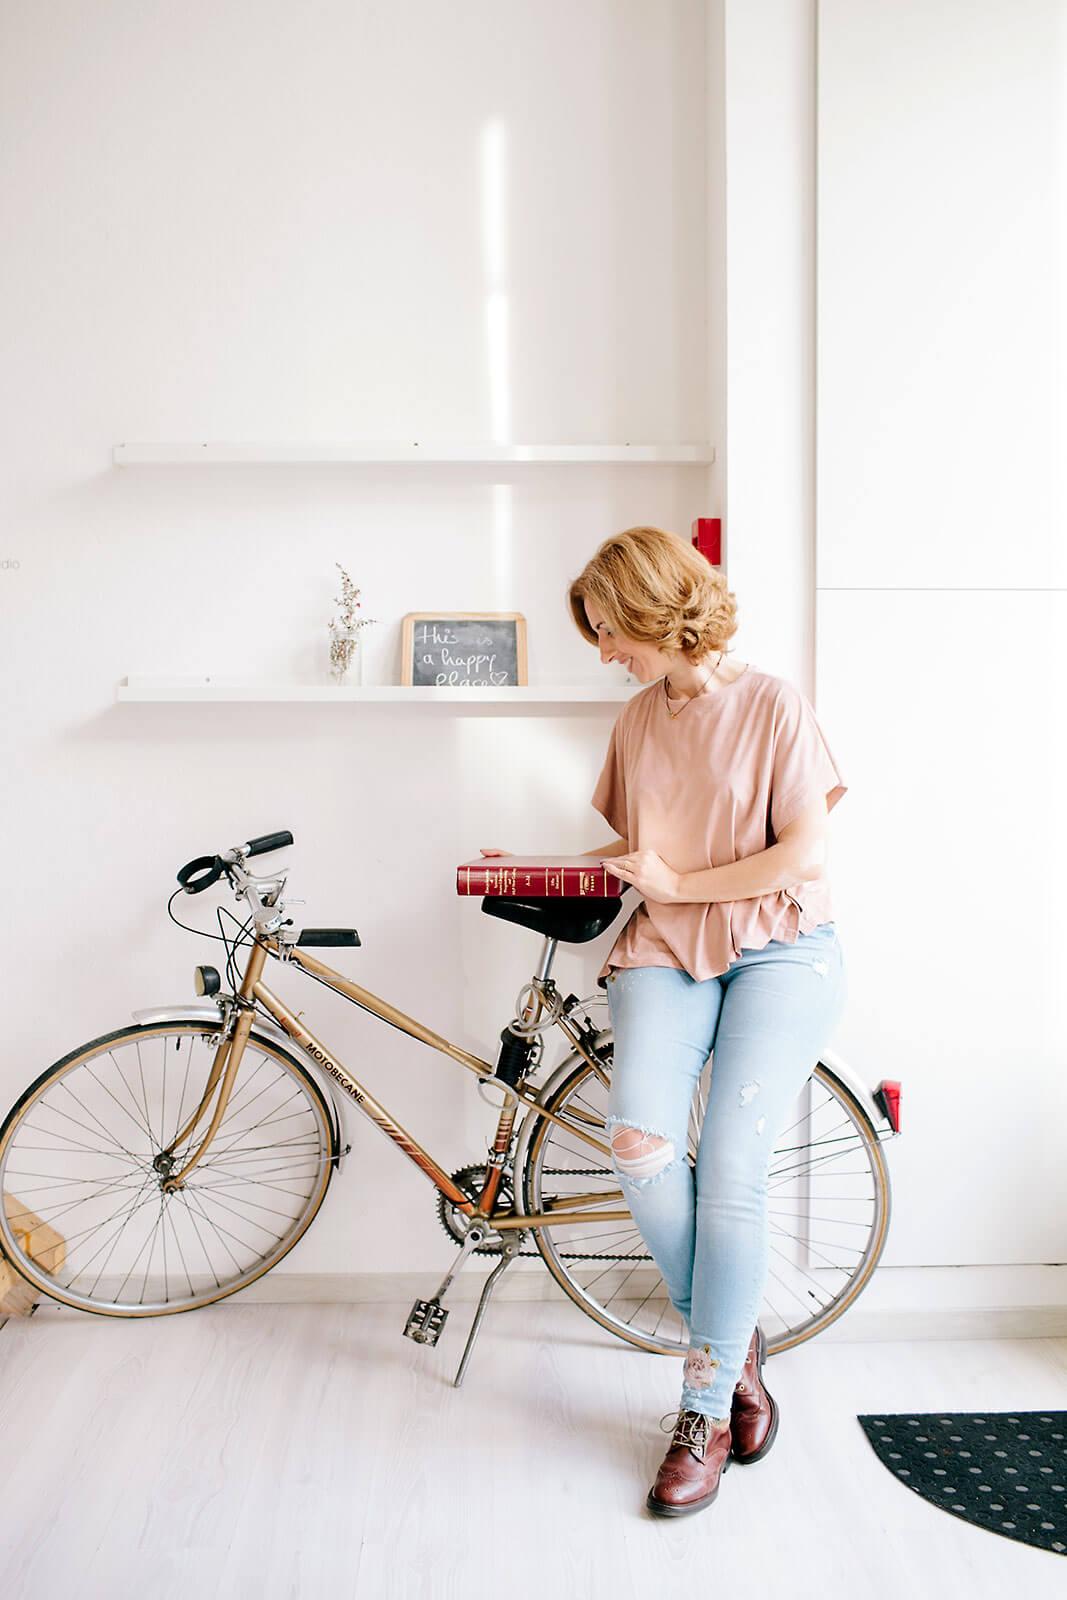 Rita Aleluia sentada numa bicicleta, segurando na enciclopédia de PNL.